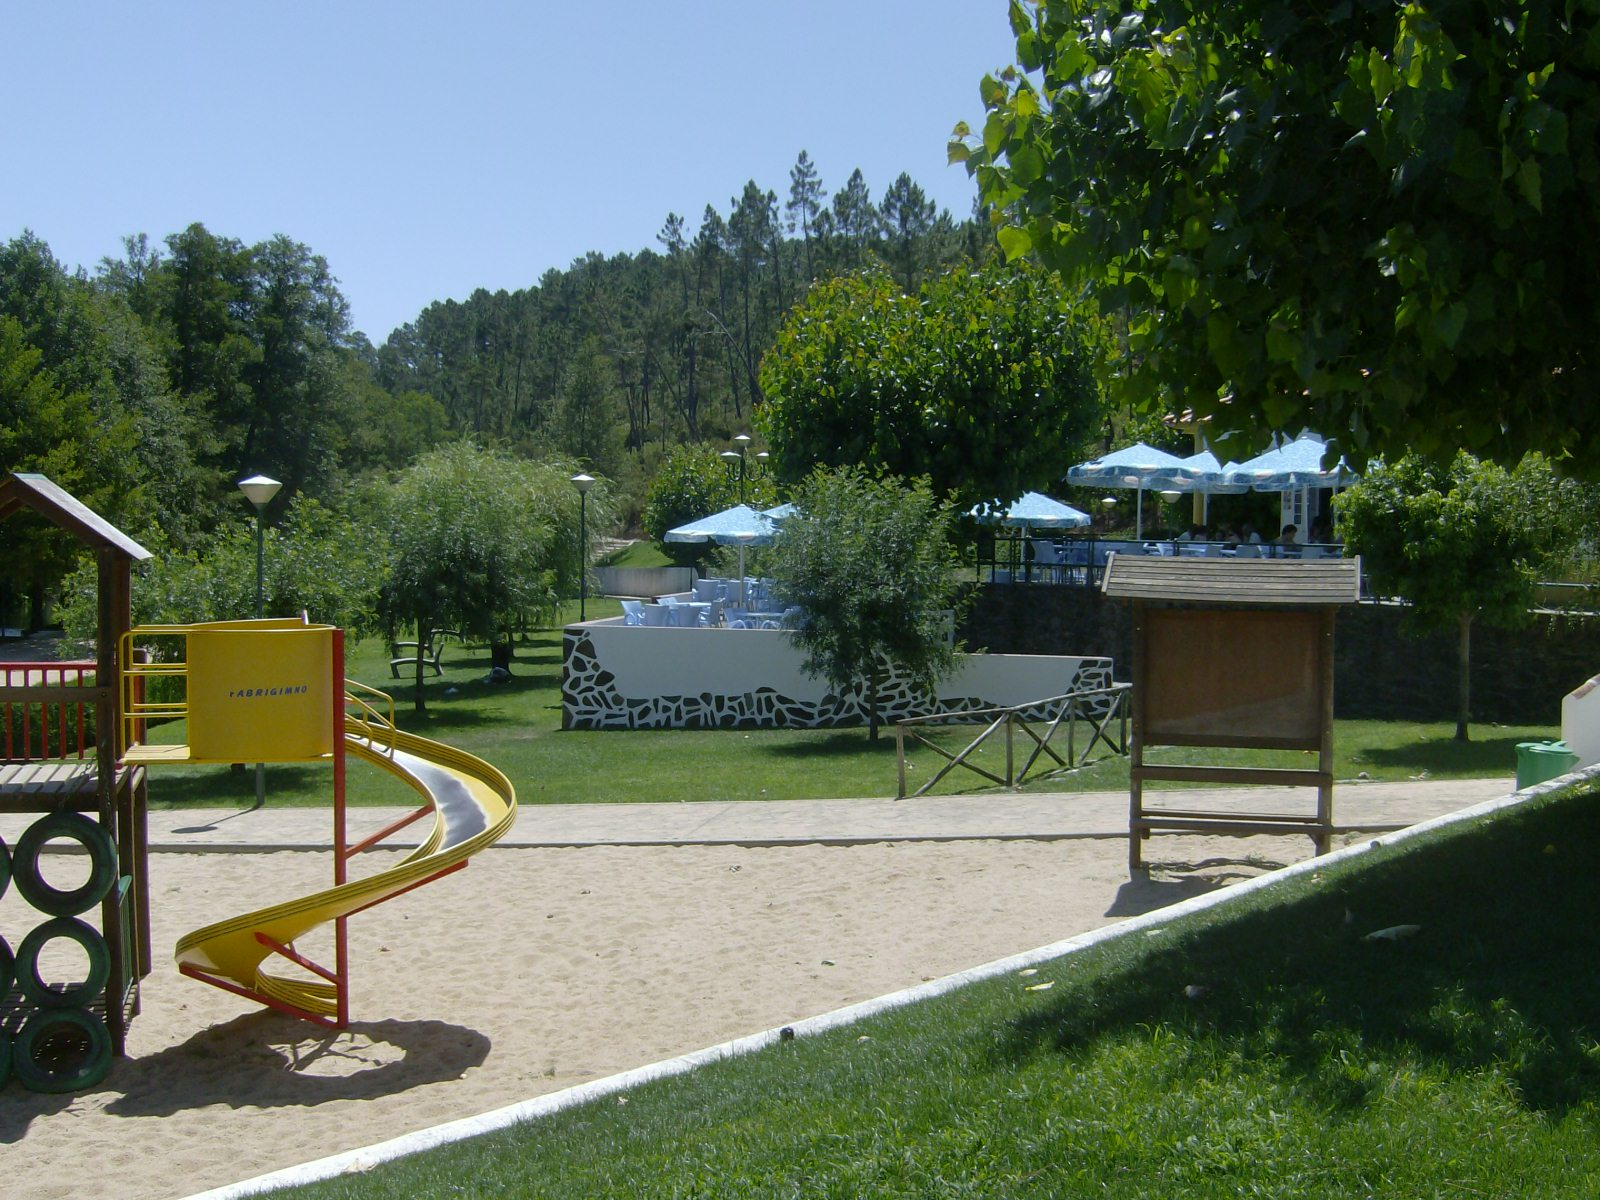 Olhar oleiros oleiros praias fluviais em destaque for Piscina municipal oleiros